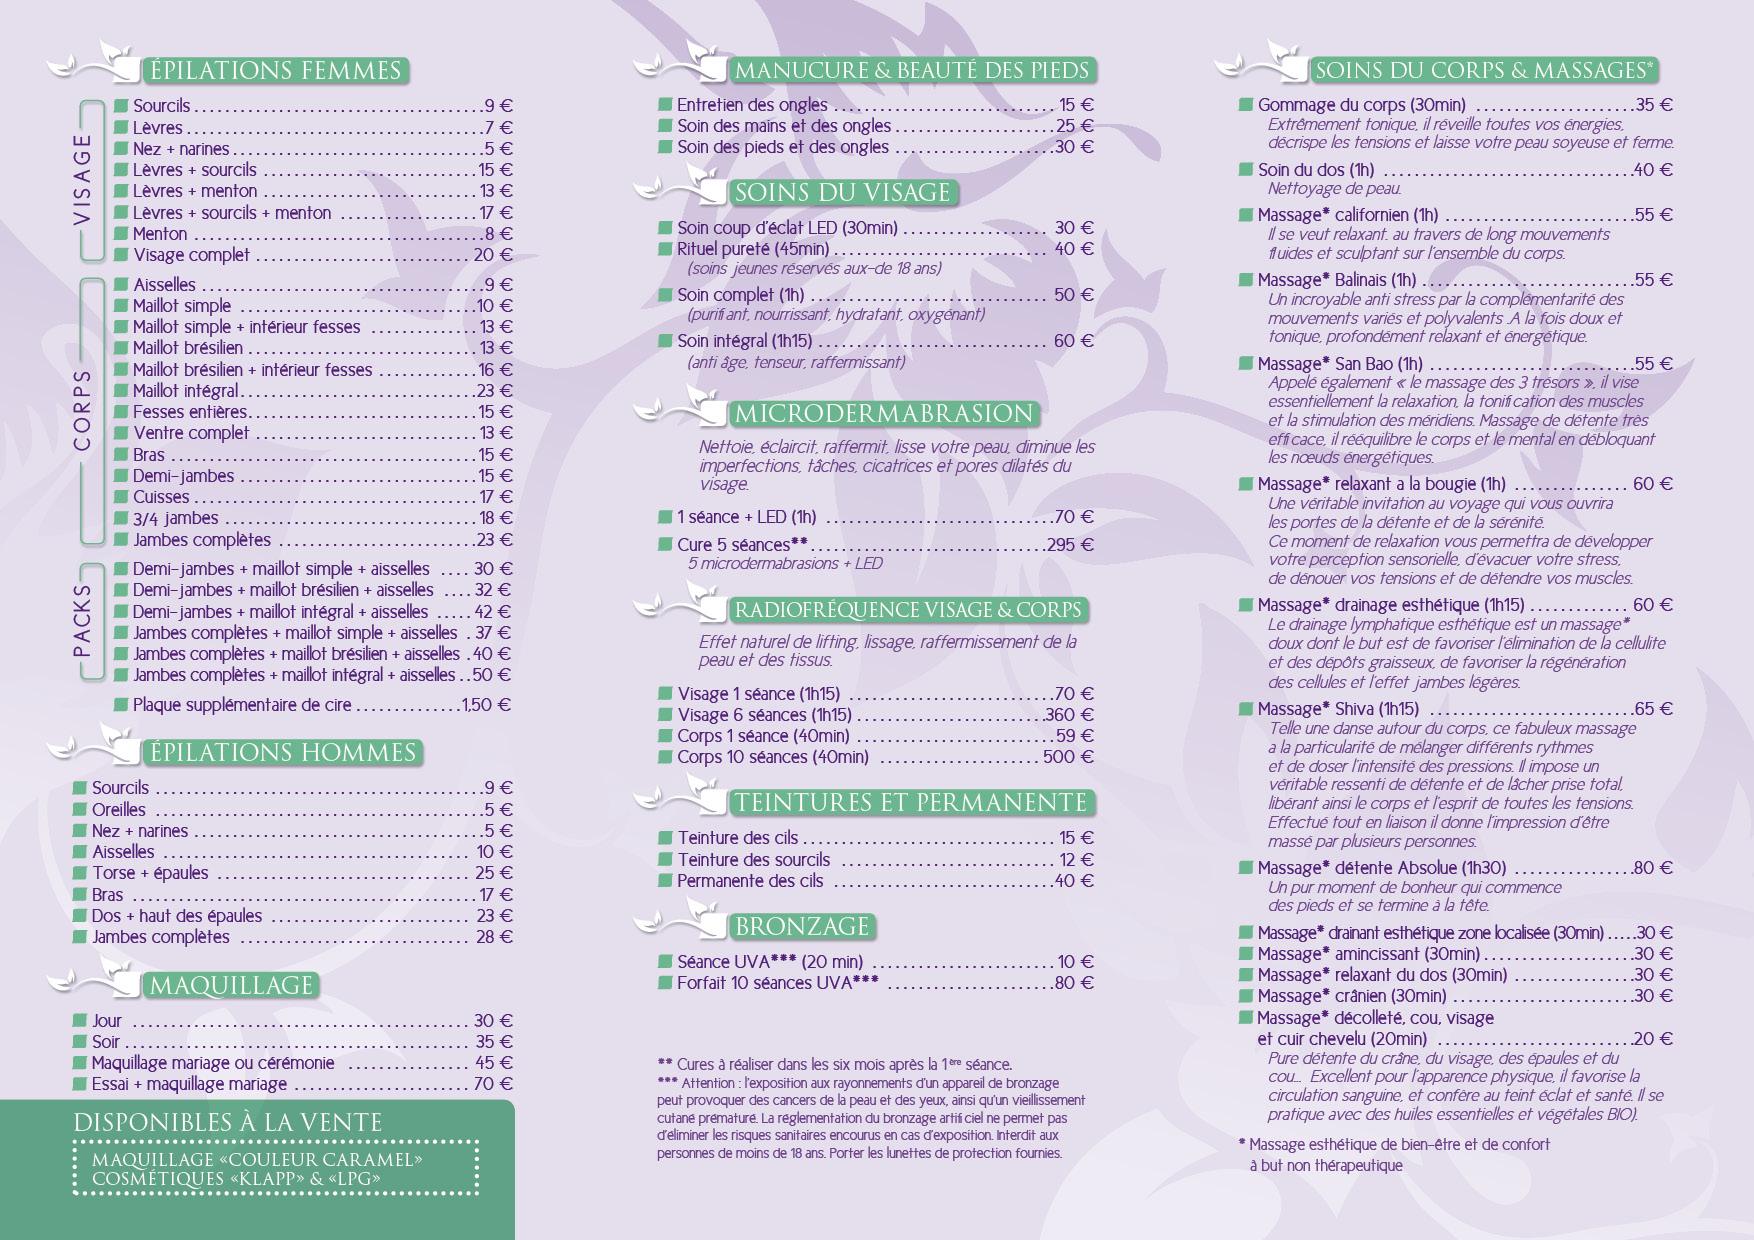 Communication Institut beauté Var 83 - impression dépliant Tarifs-2plisRoulés